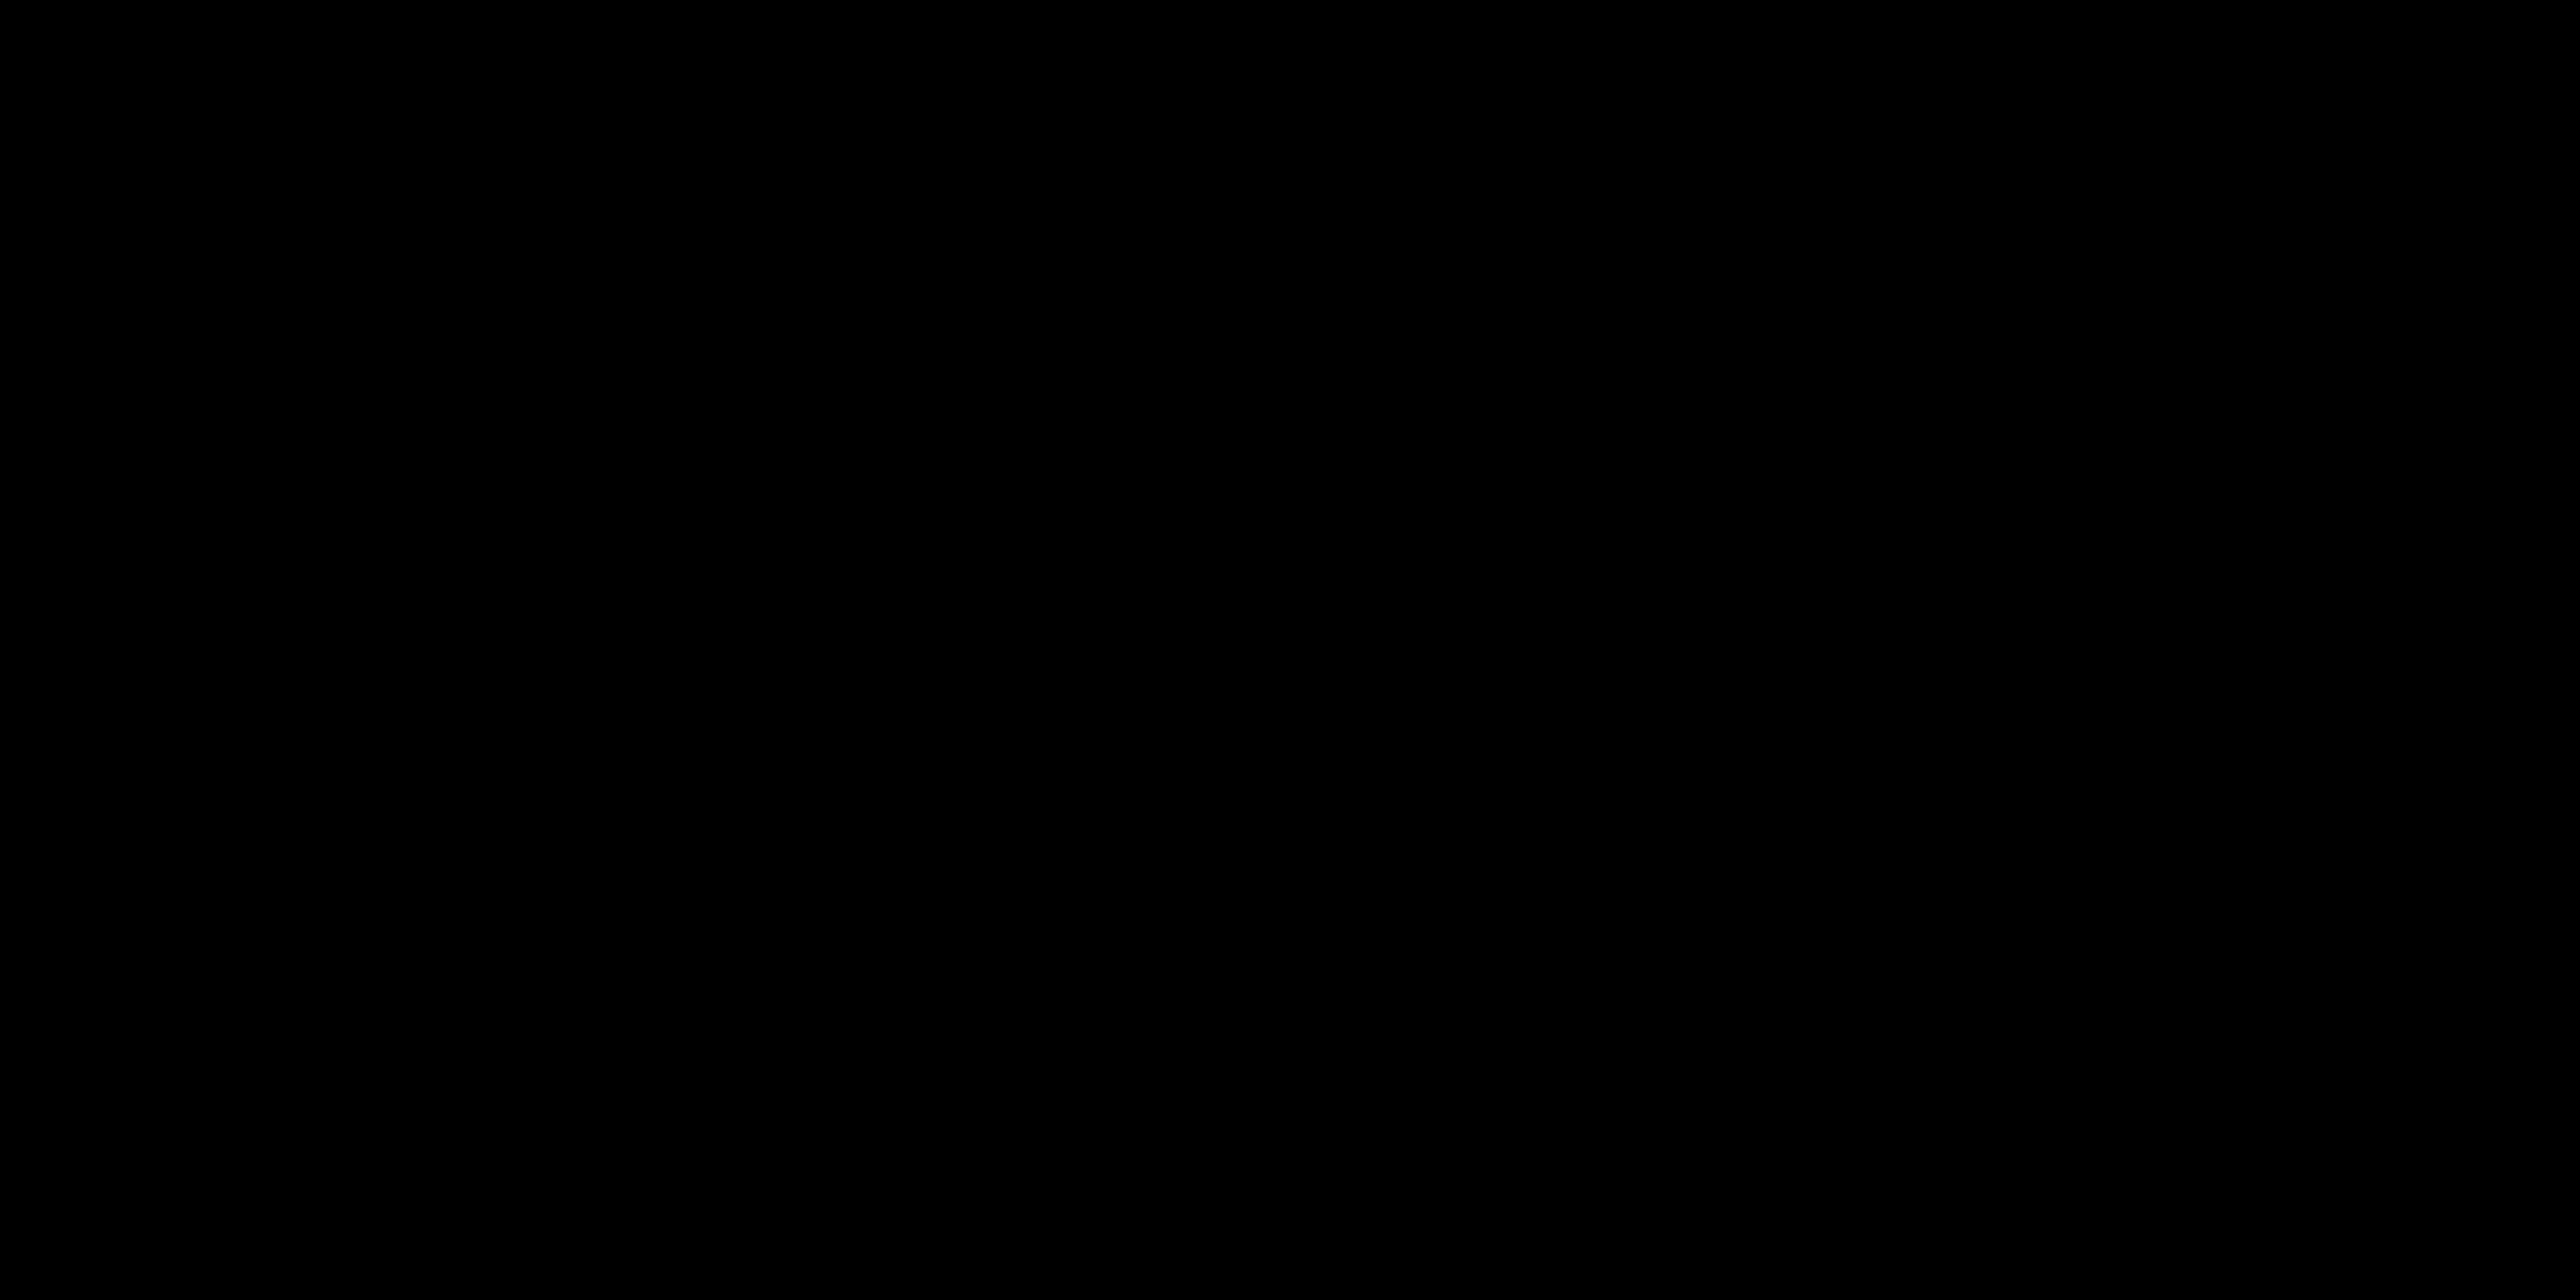 1st Family Dental of Chicago image 14